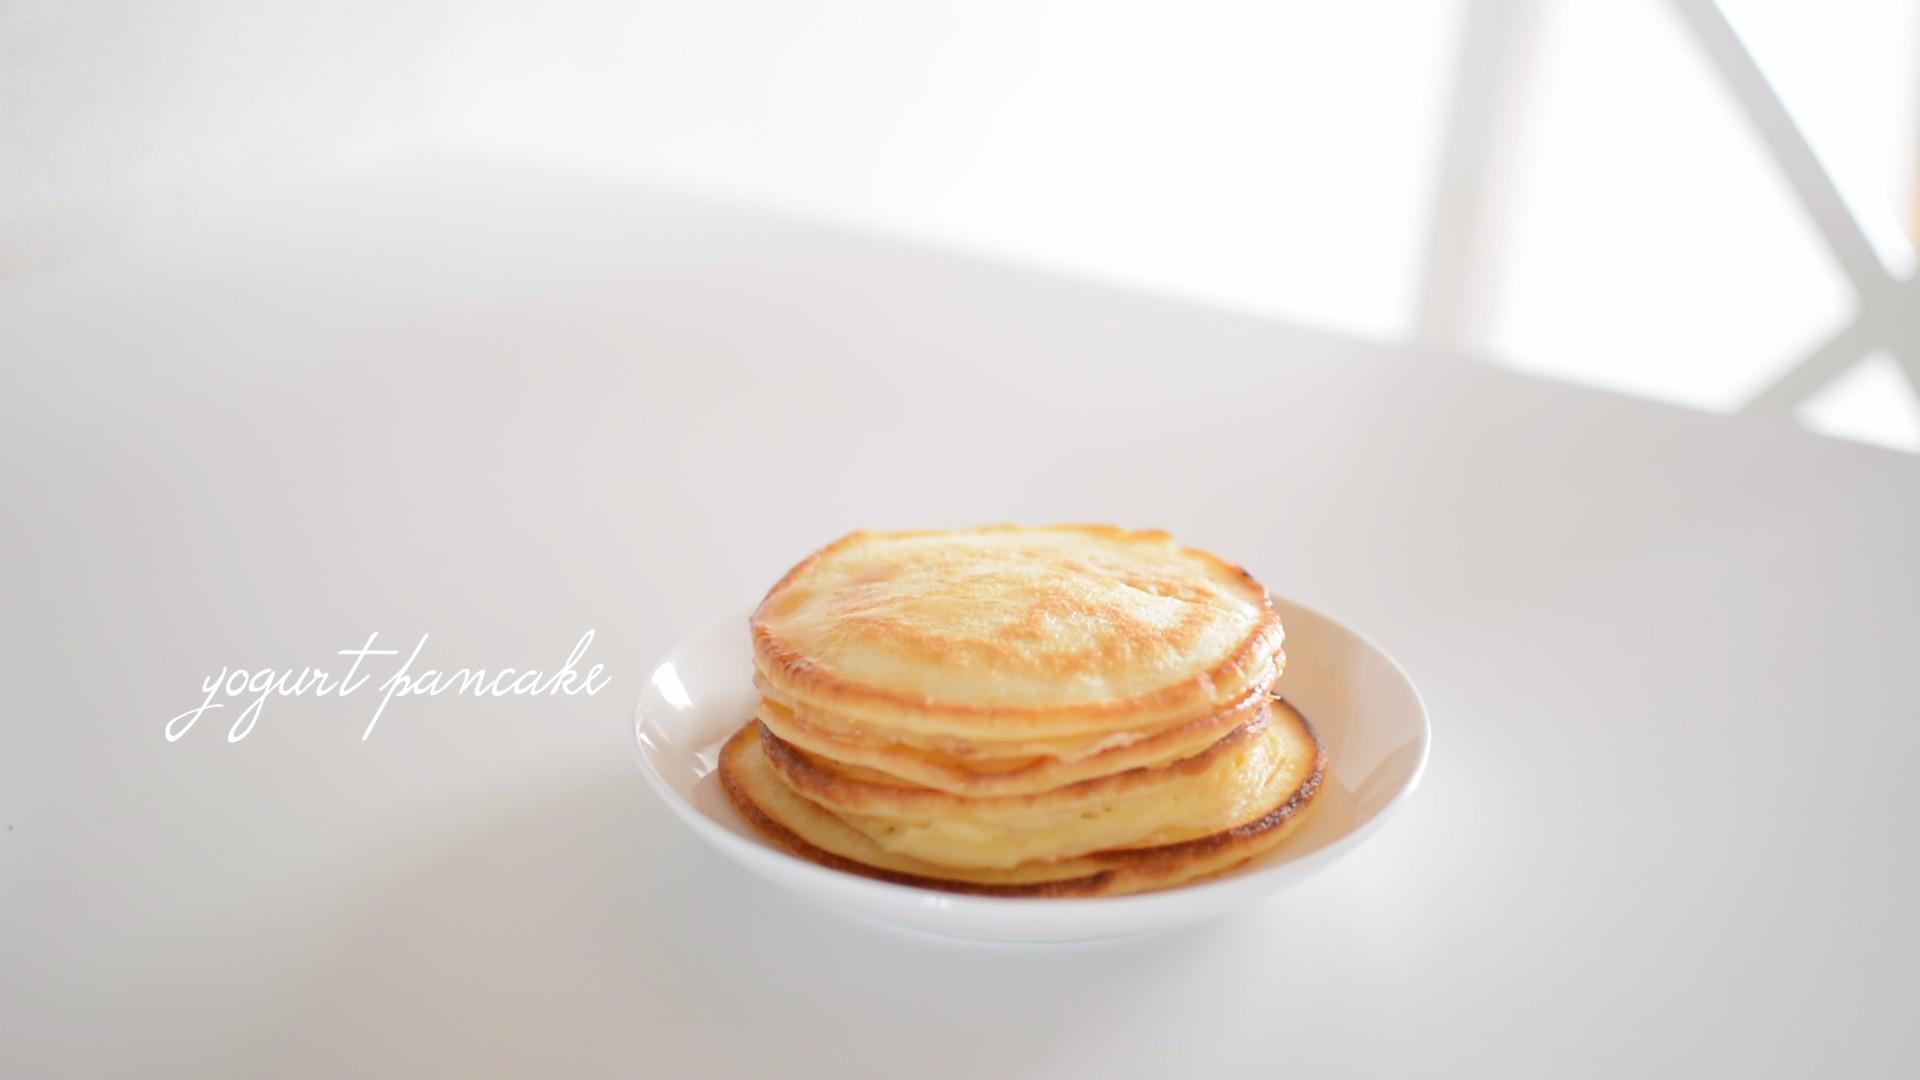 【お砂糖不使用】もちっと美味しい♪米粉のパンケーキ